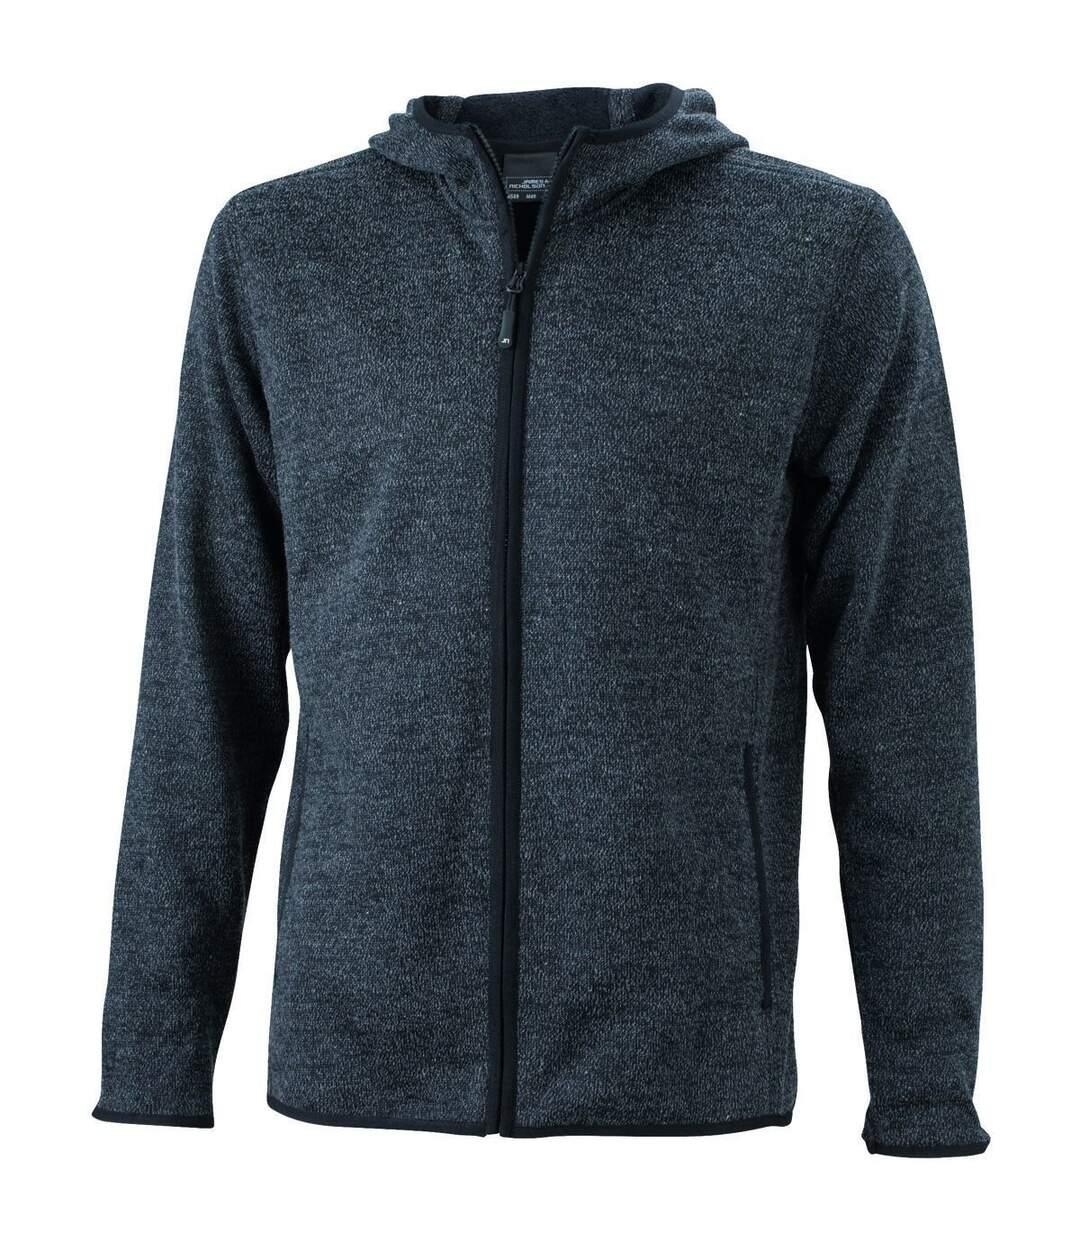 Veste tricot polaire à capuche HOMME- JN589 - noir chiné